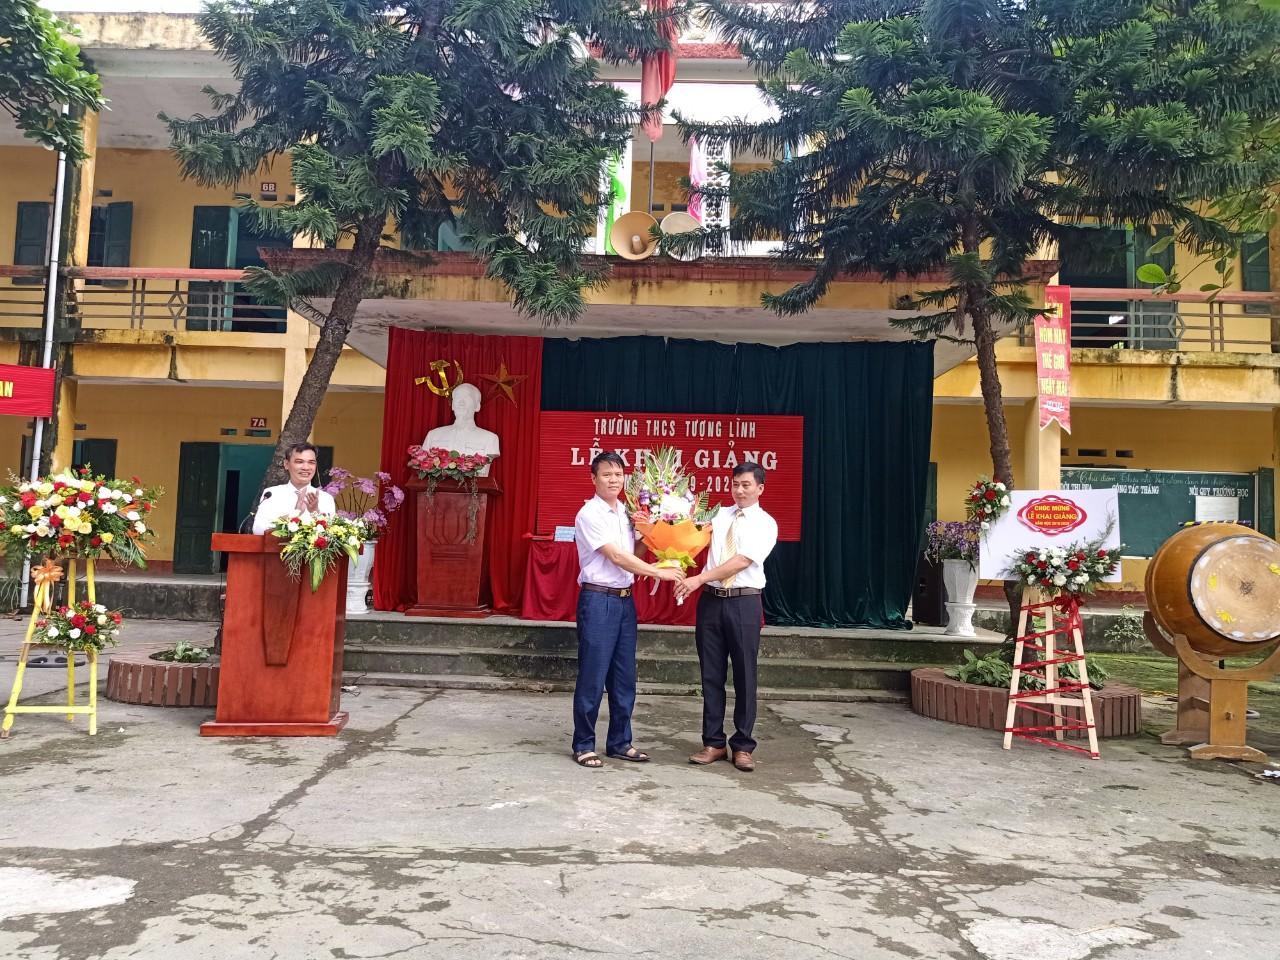 Ông: Trần Văn Tiên - Phó bí thư Đảng ủy xã tặng hoa cho lãnh đạo nhà trường